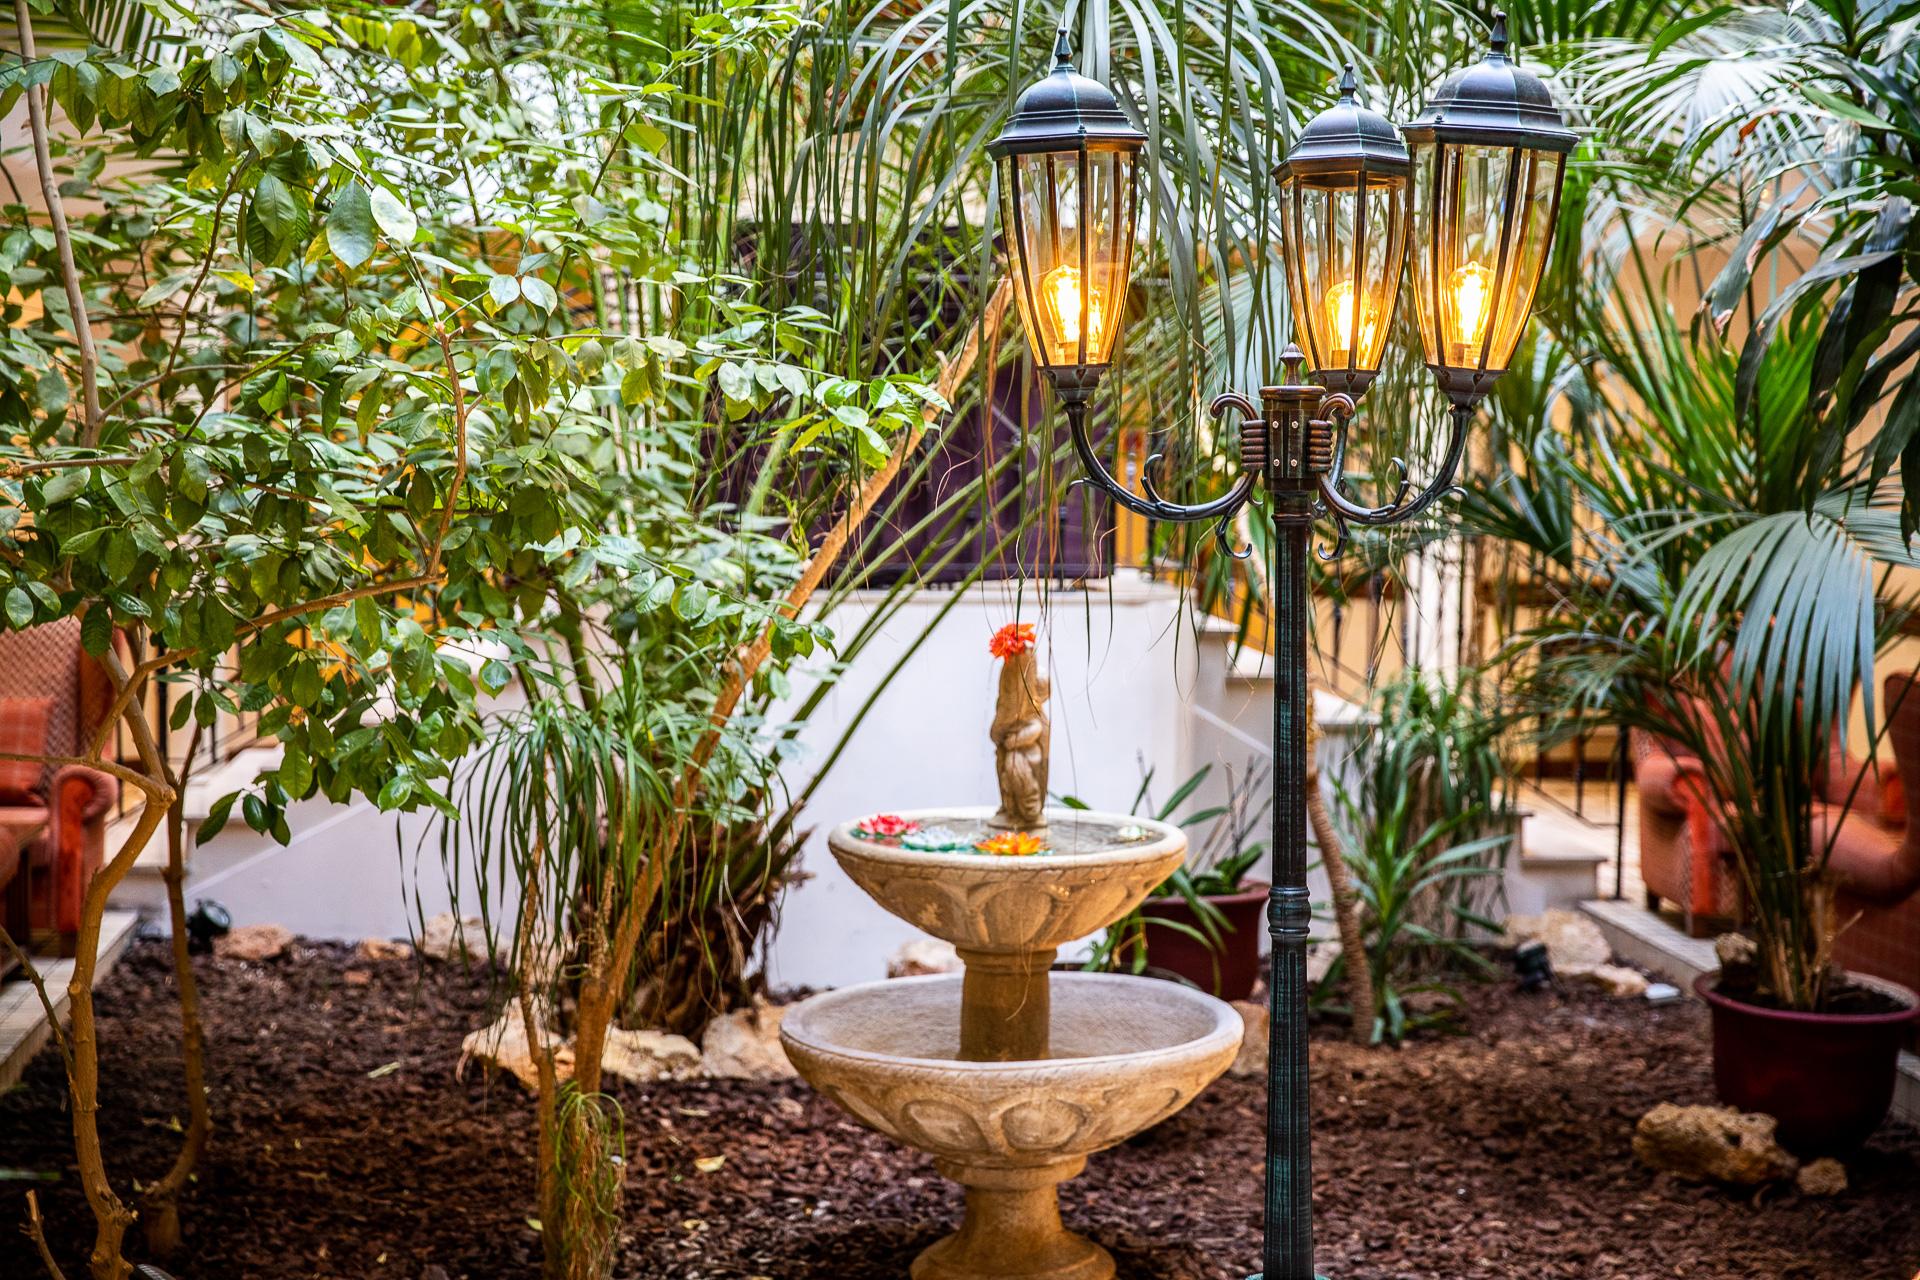 Villa Beaumarchais Website Paris Marais District 4* Hotel tout Jardin Du Marais Hotel Paris